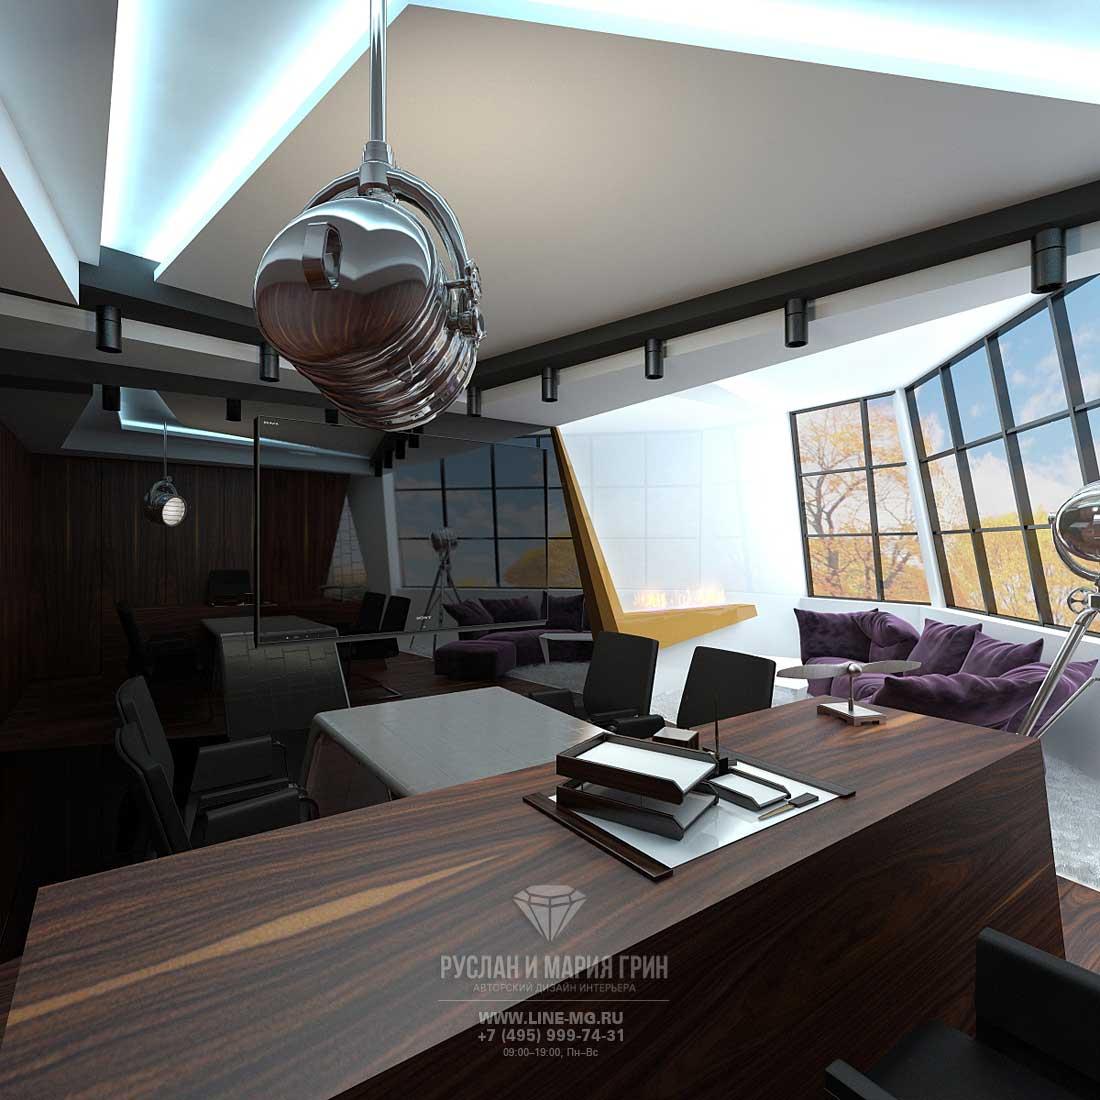 Дизайн офиса маленькой площади в современном стиле. Фото 2015